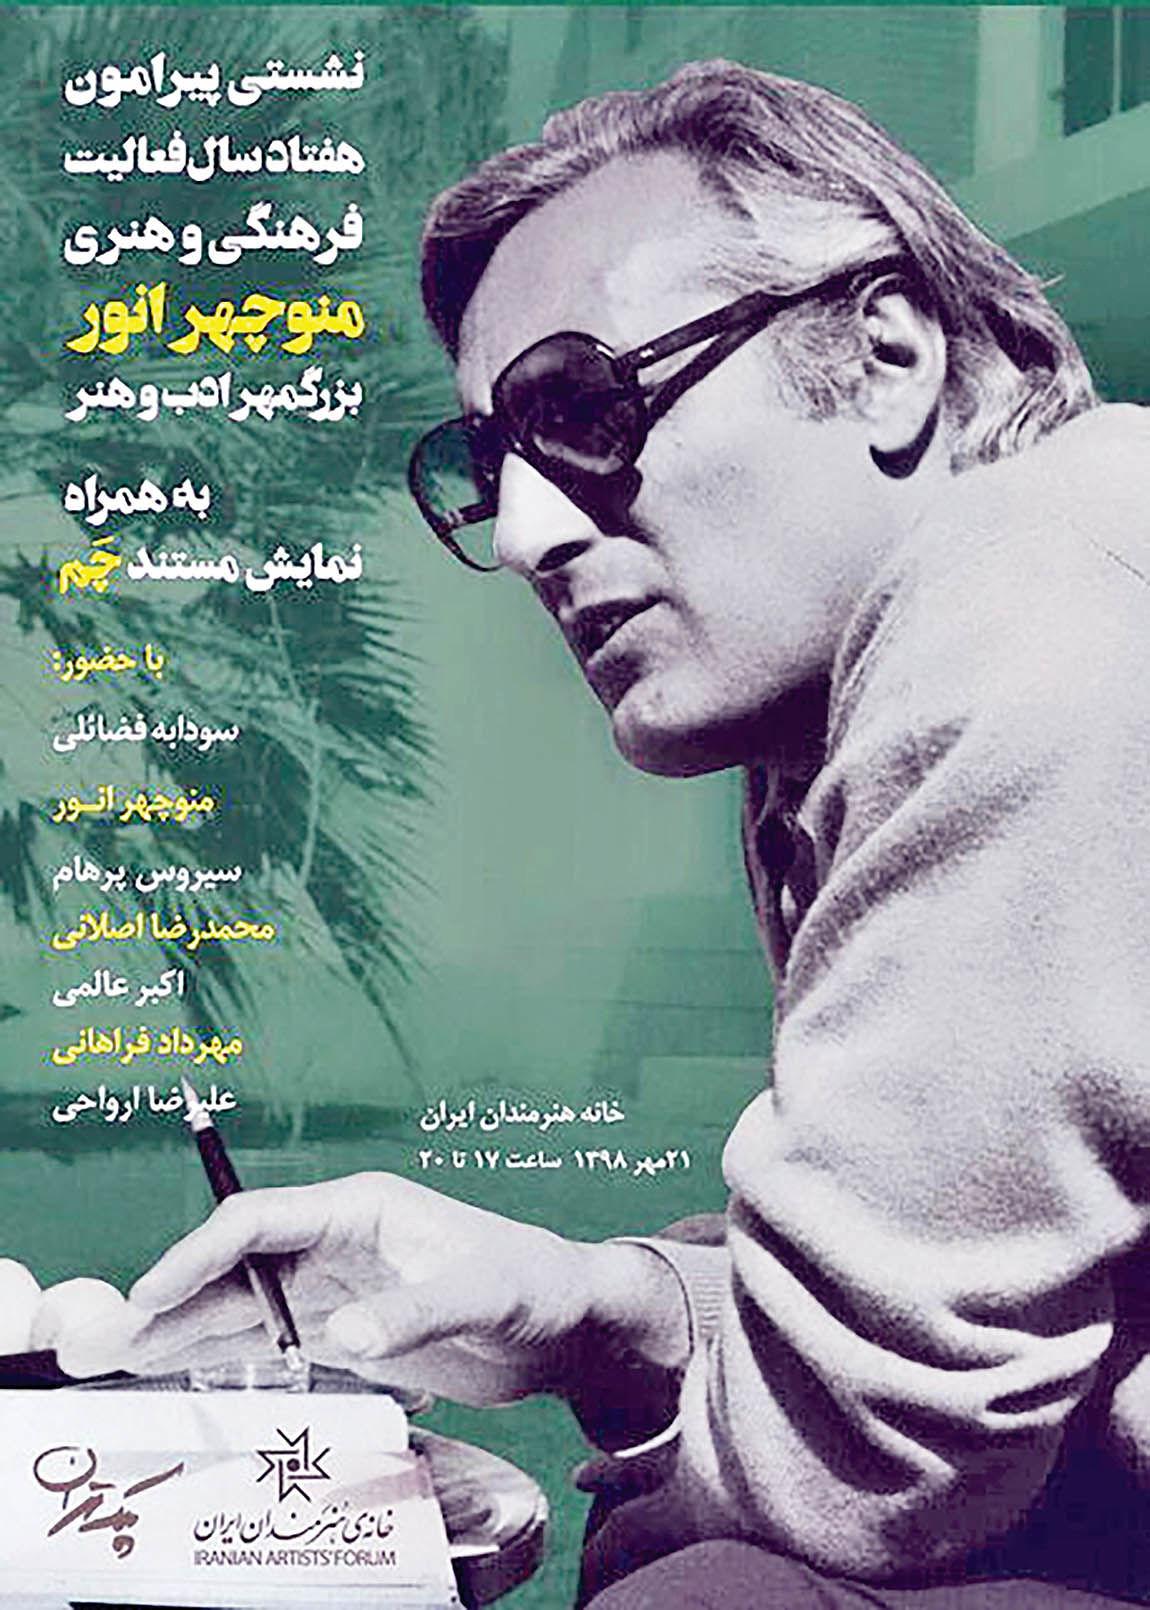 نکوداشت منوچهر انور در خانه هنرمندان ایران